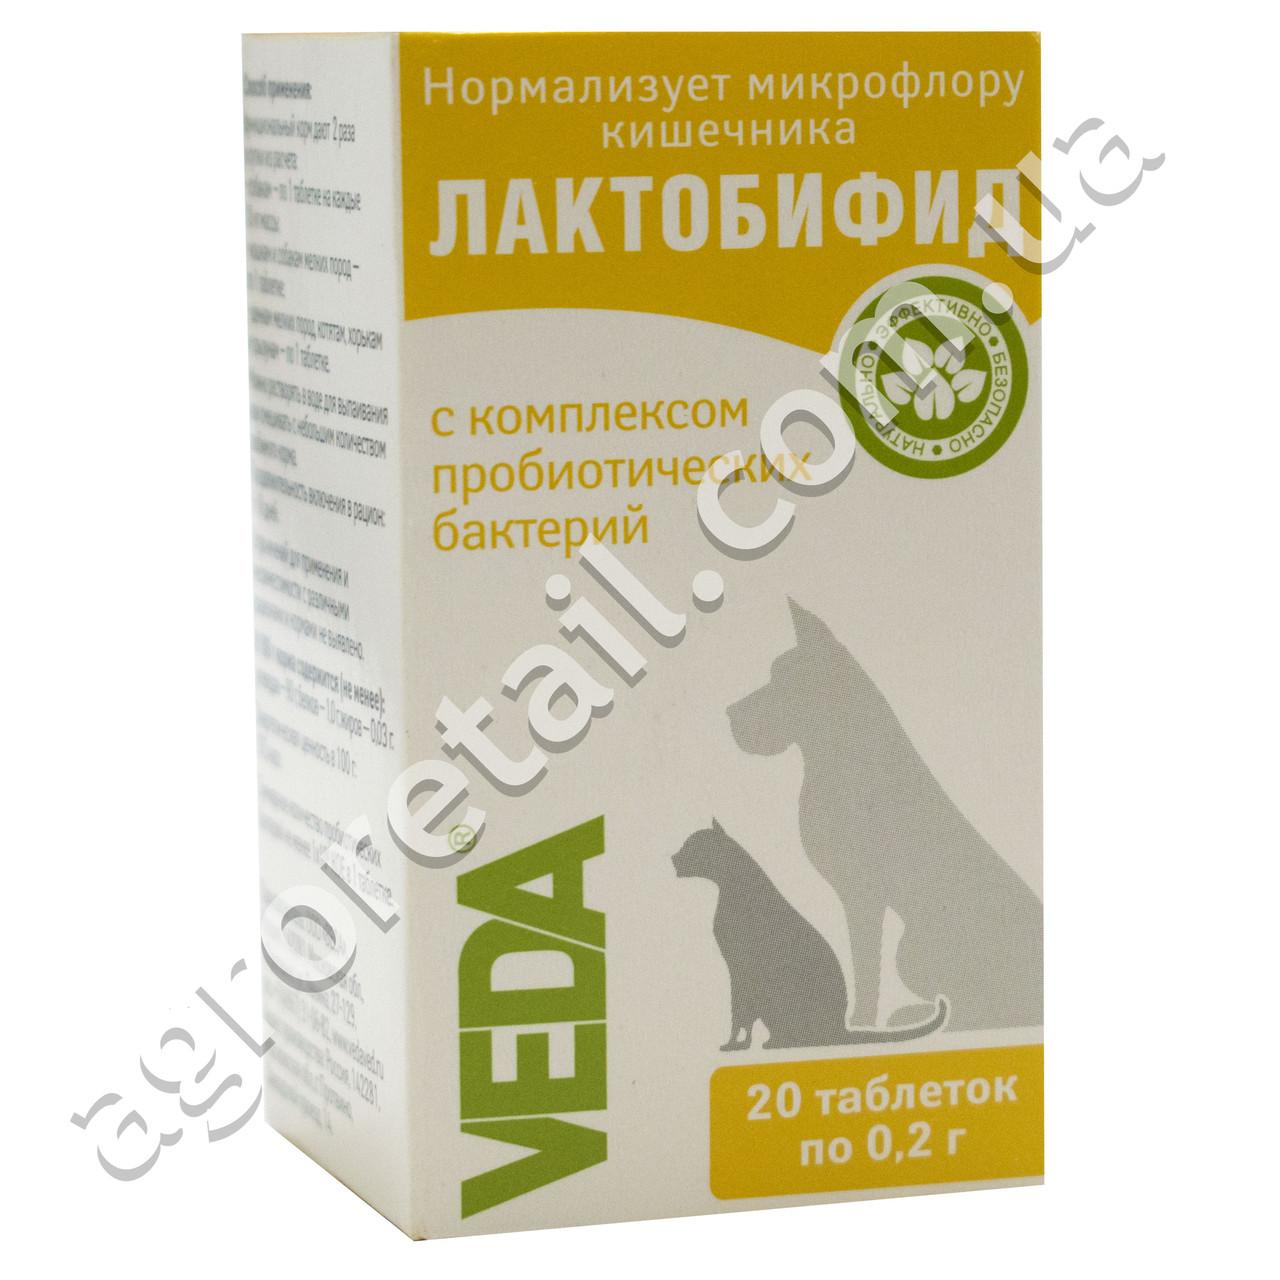 Лактобифид 20 таблеток по 0.2 г